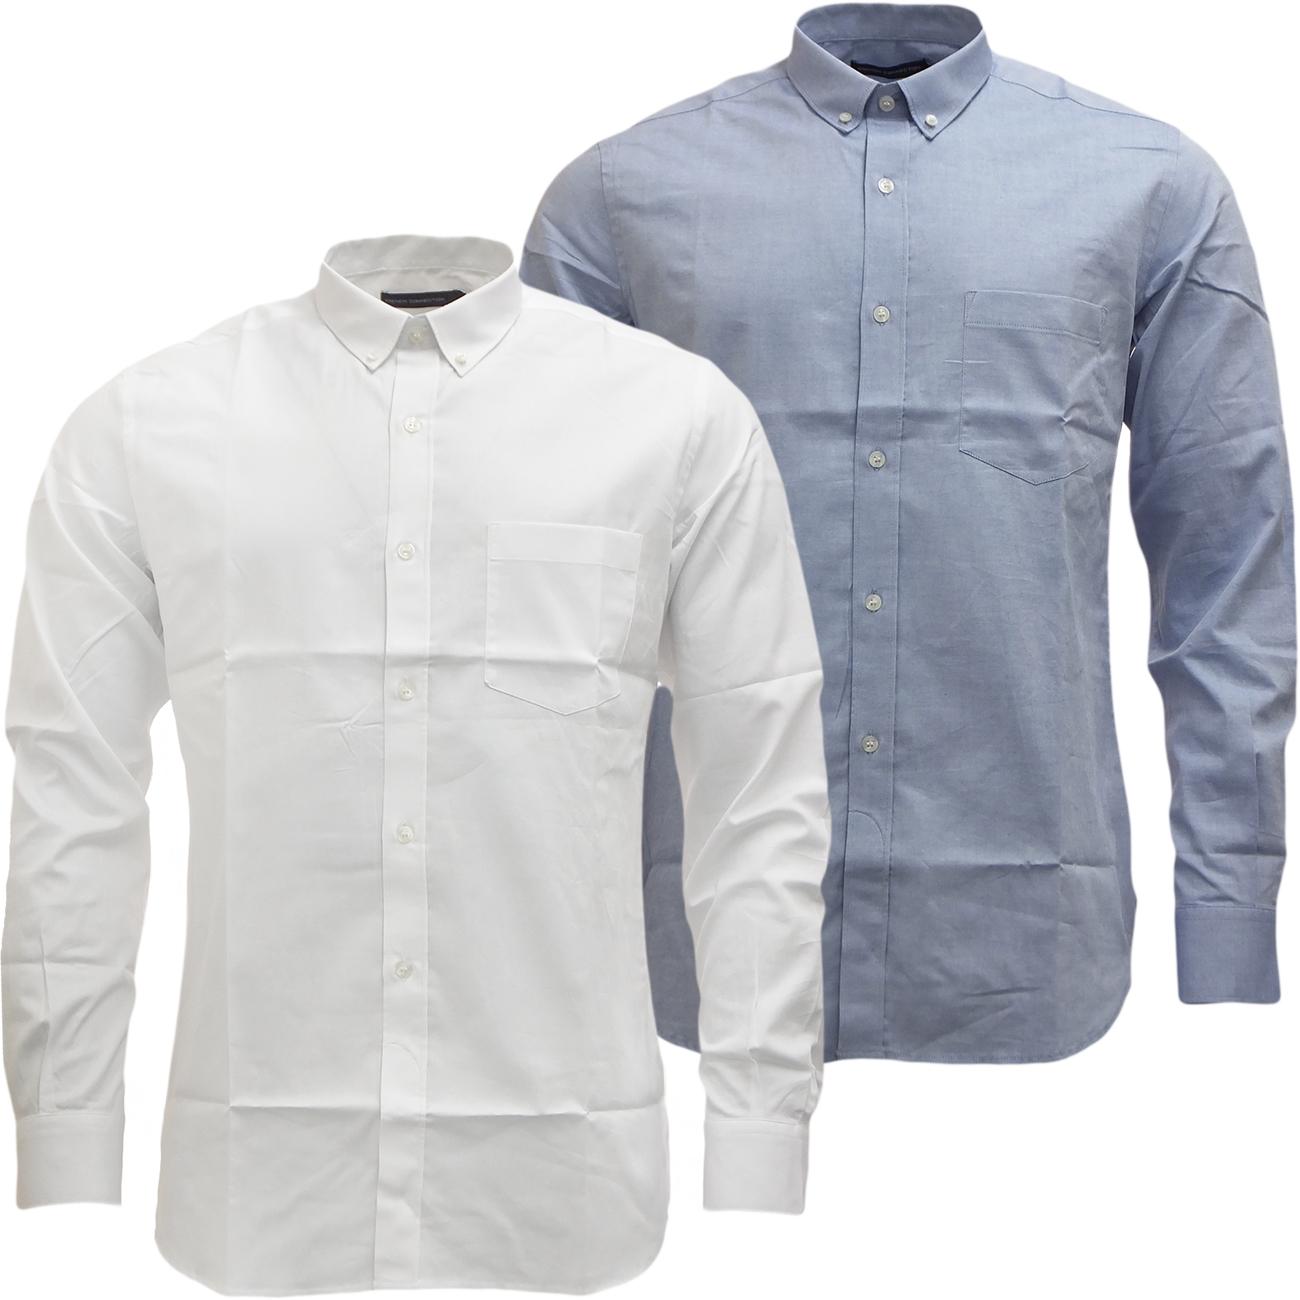 Fcuk Long Sleeve Shirt Thumbnail 1